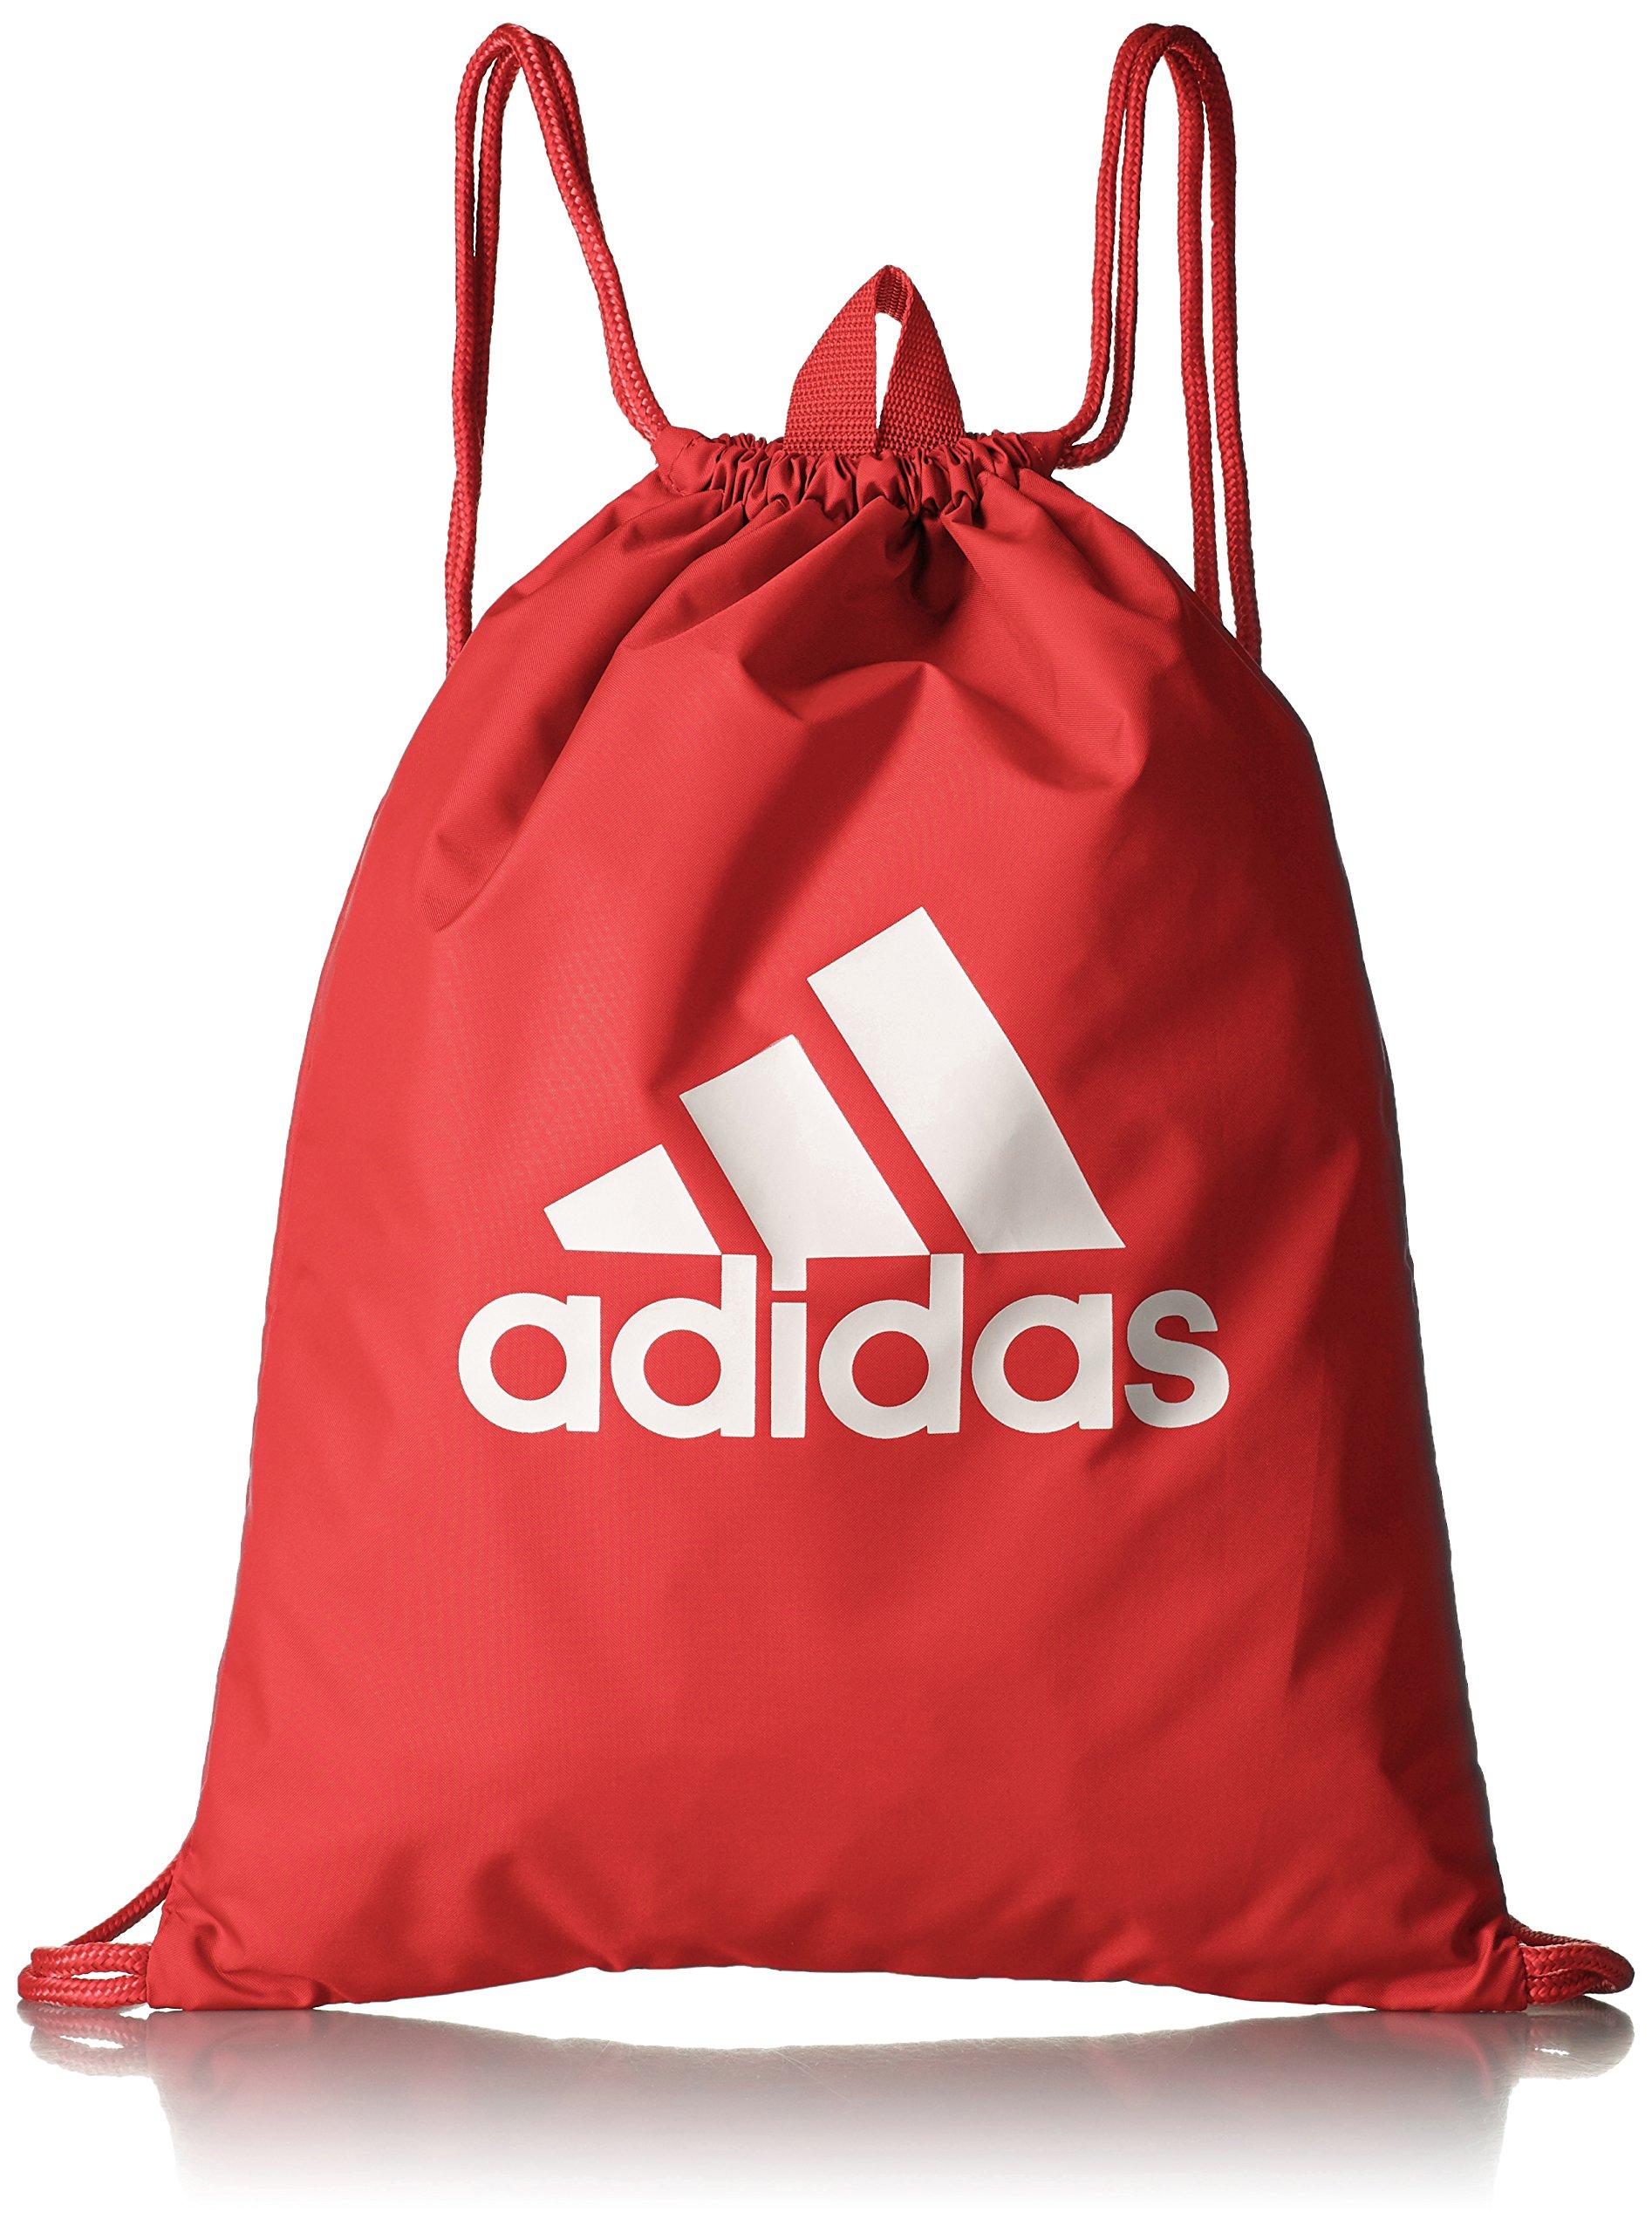 91E3VVgQ6%2BL - Adidas Per Logo GB, Mochila Unisex Adultos